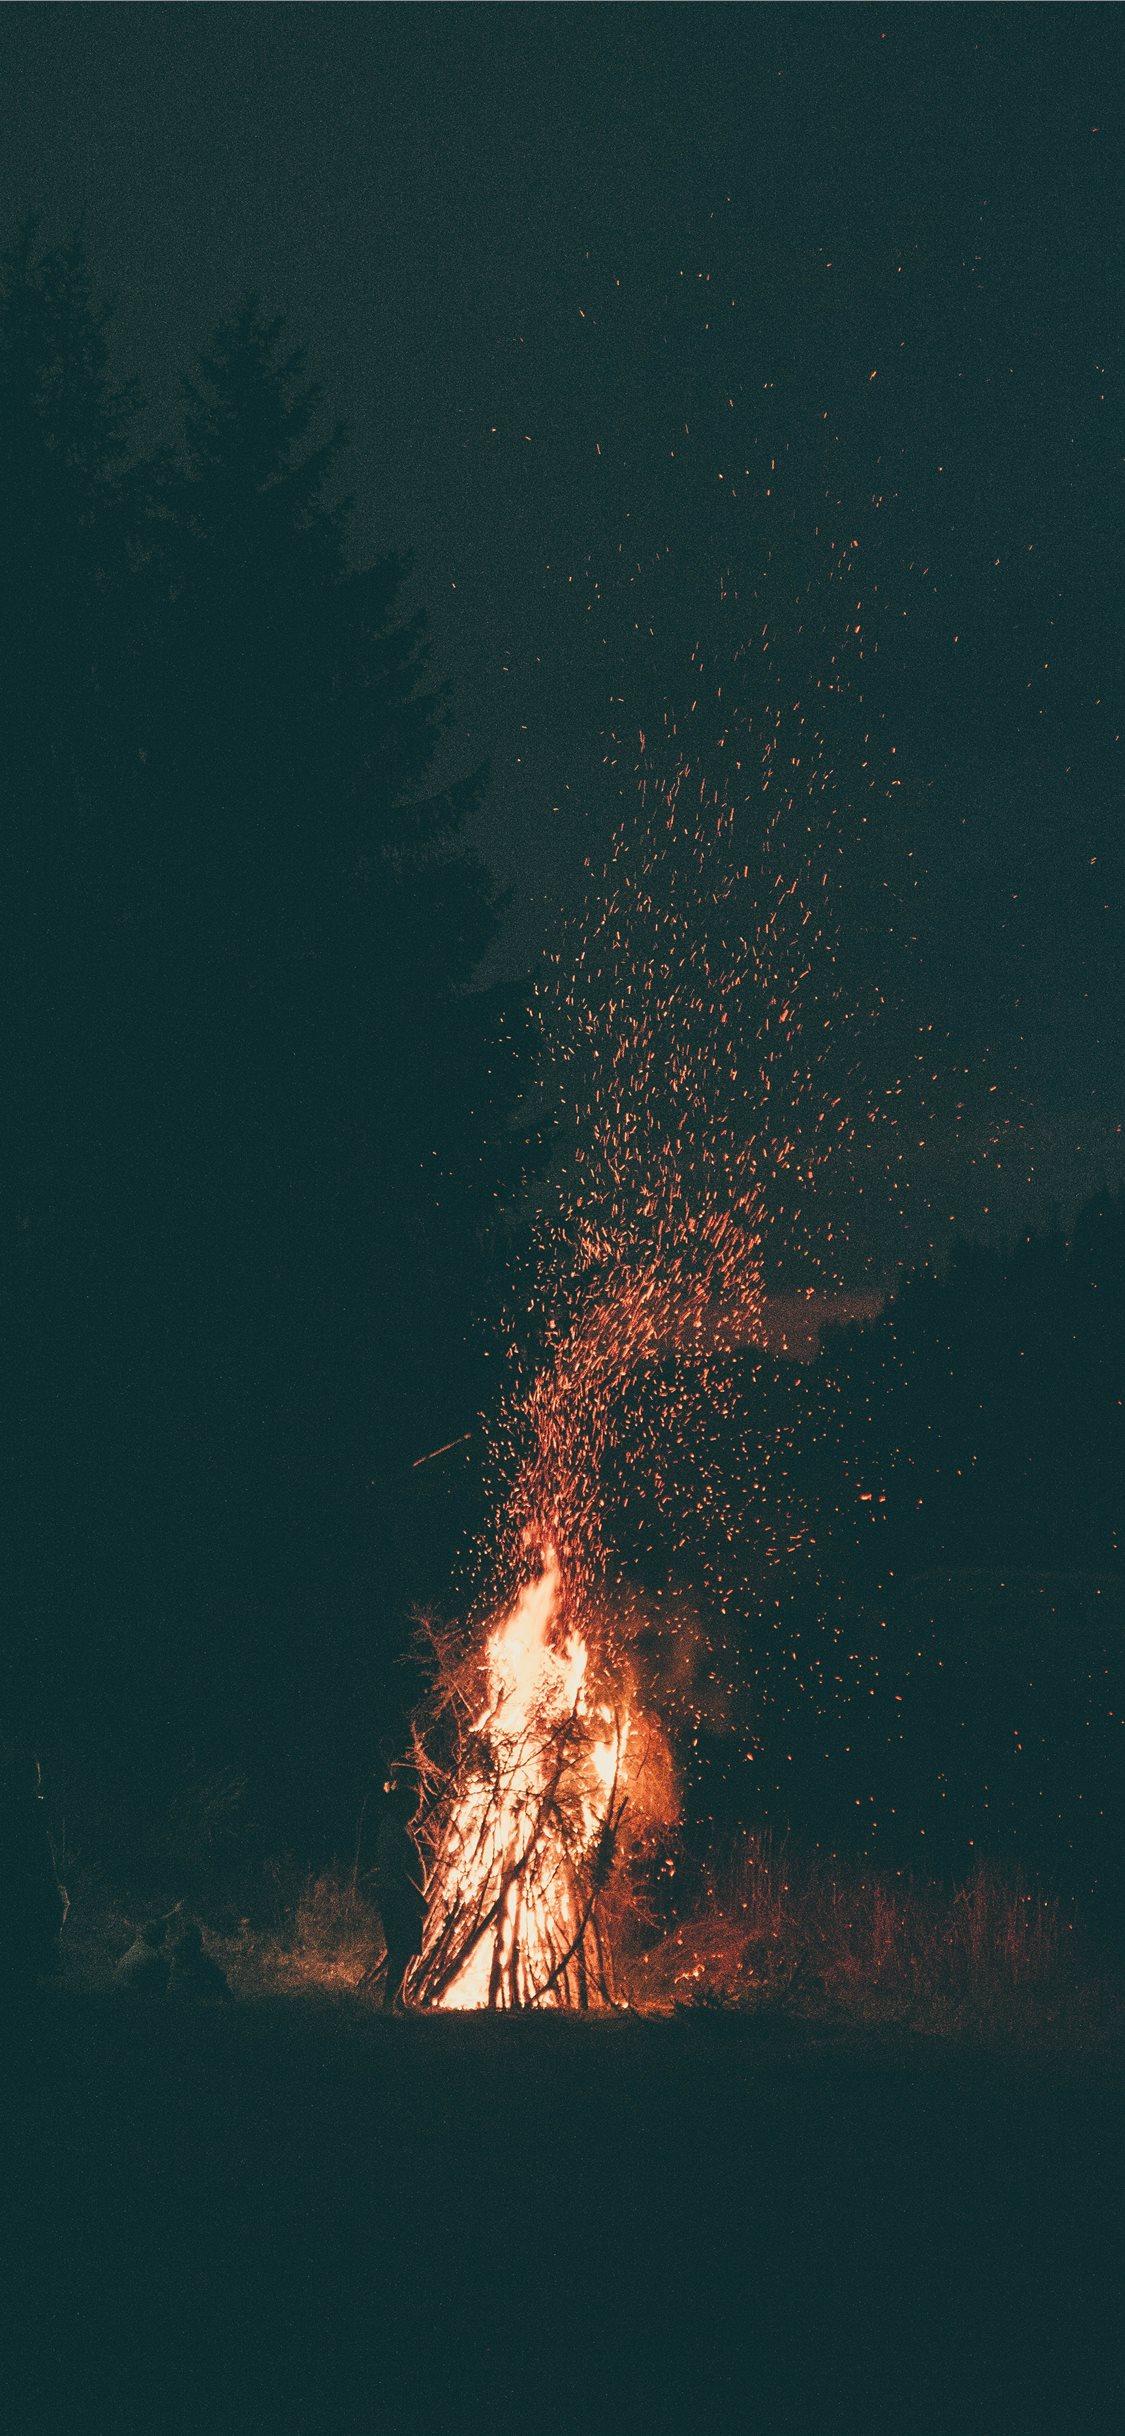 Fire Wallpaper Iphone X , HD Wallpaper & Backgrounds